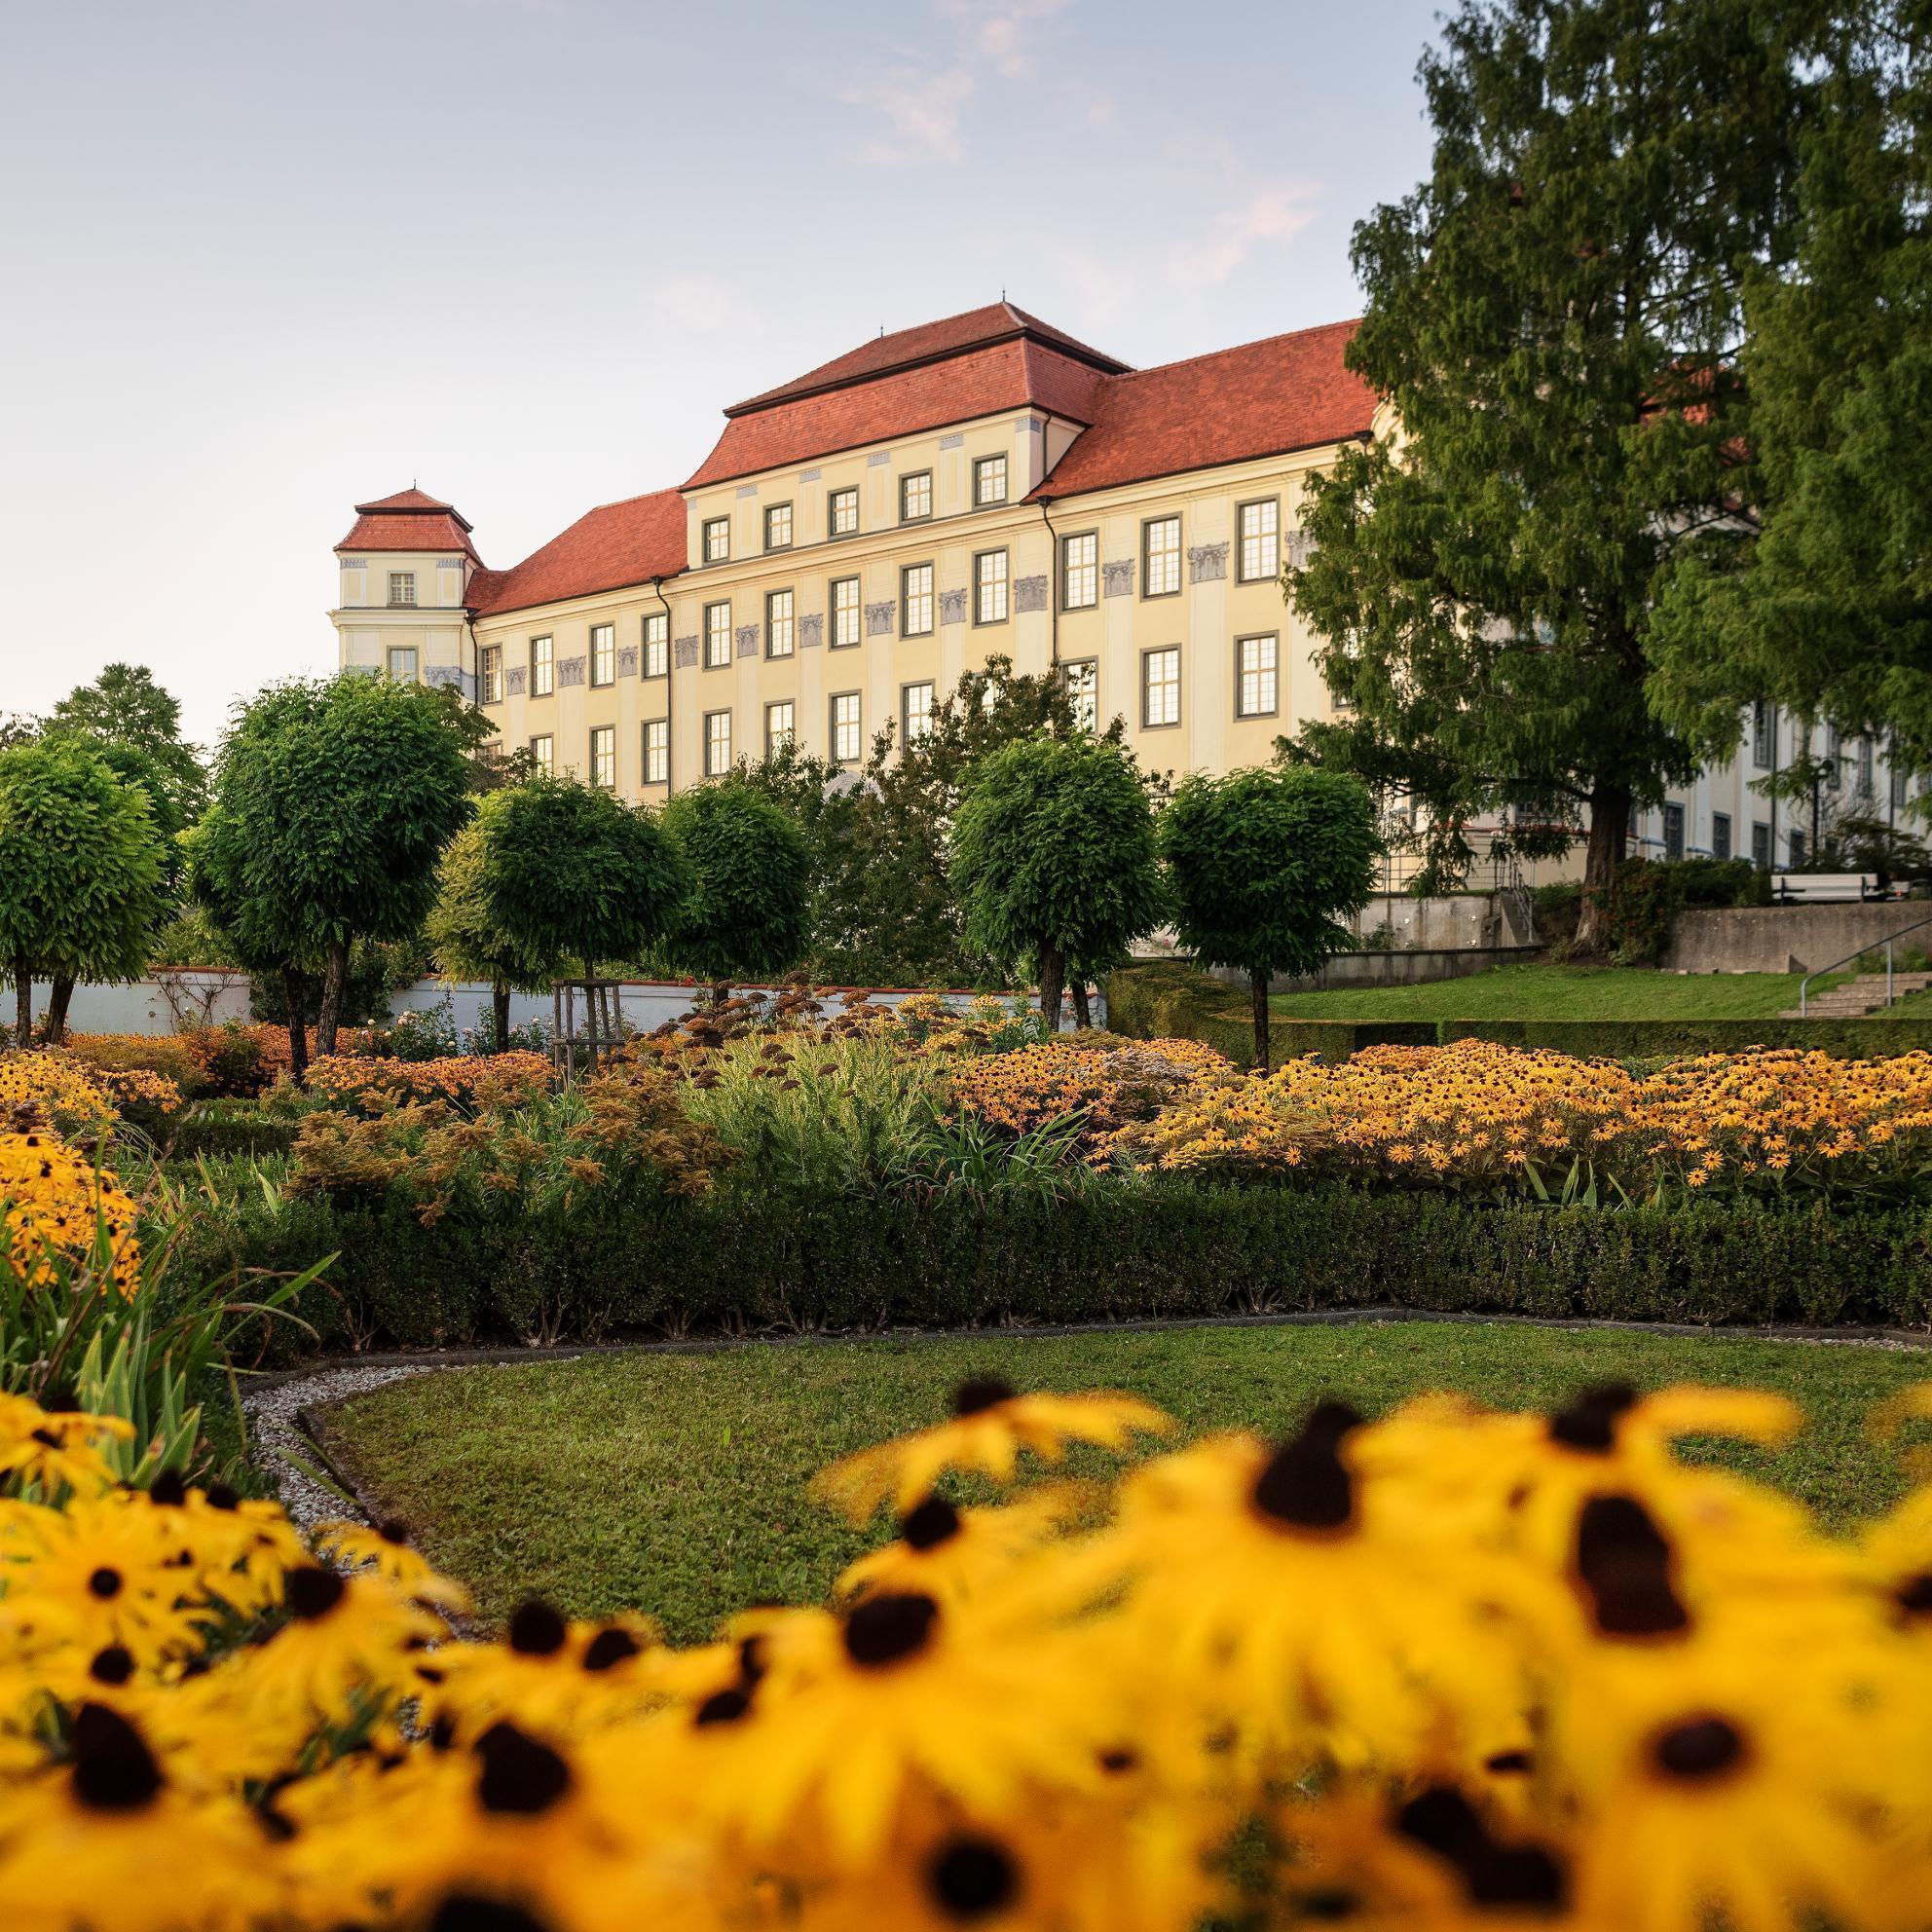 Neues Schloss Tettnang; Foto: Staatliche Schlösser und Gärten Baden-Württemberg, Günther Bayerl